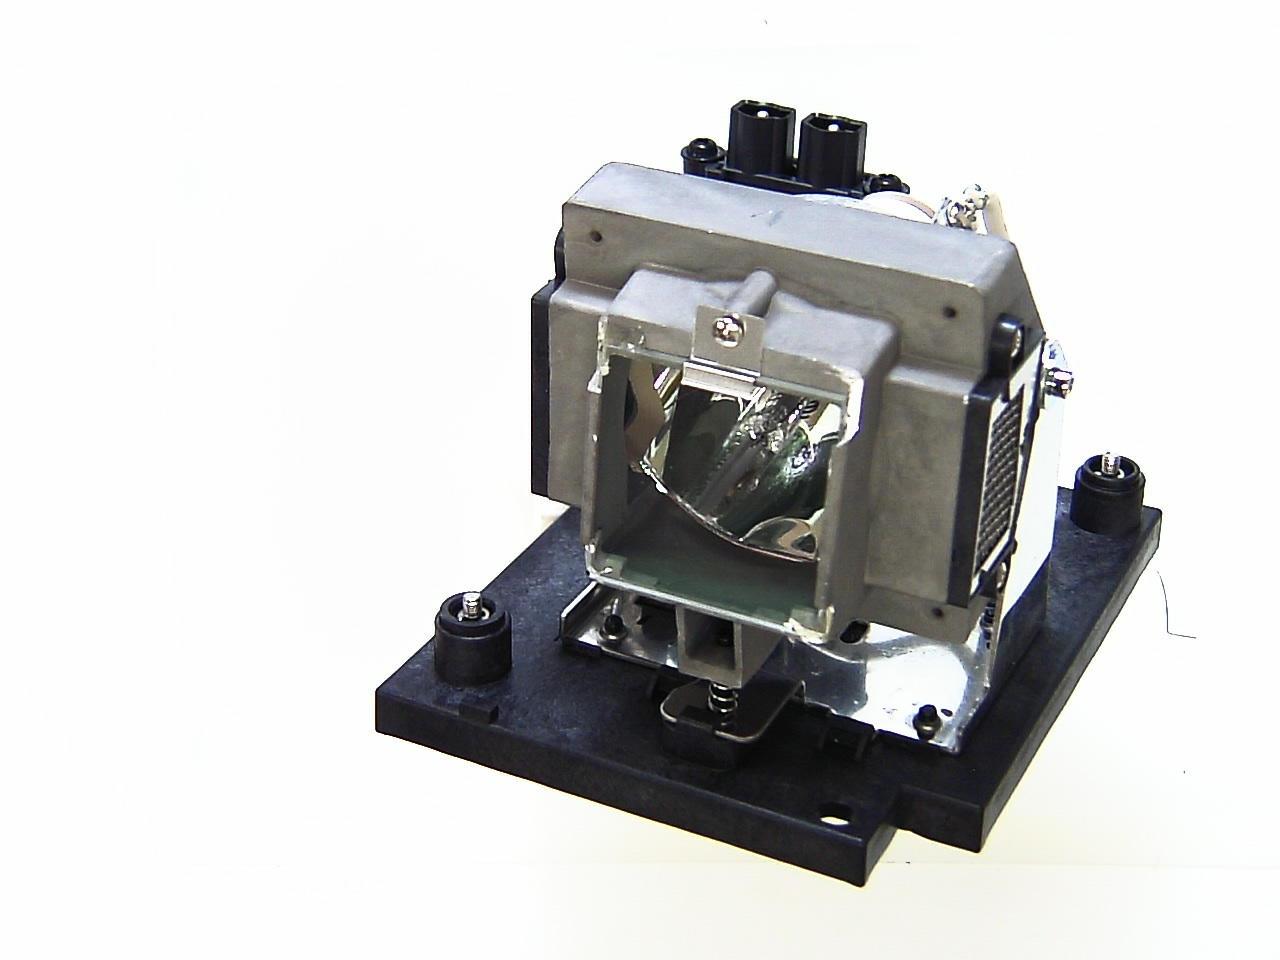 Original Derecha Lámpara For EIKI EIP-4500 (Right Lamp) Proyector.